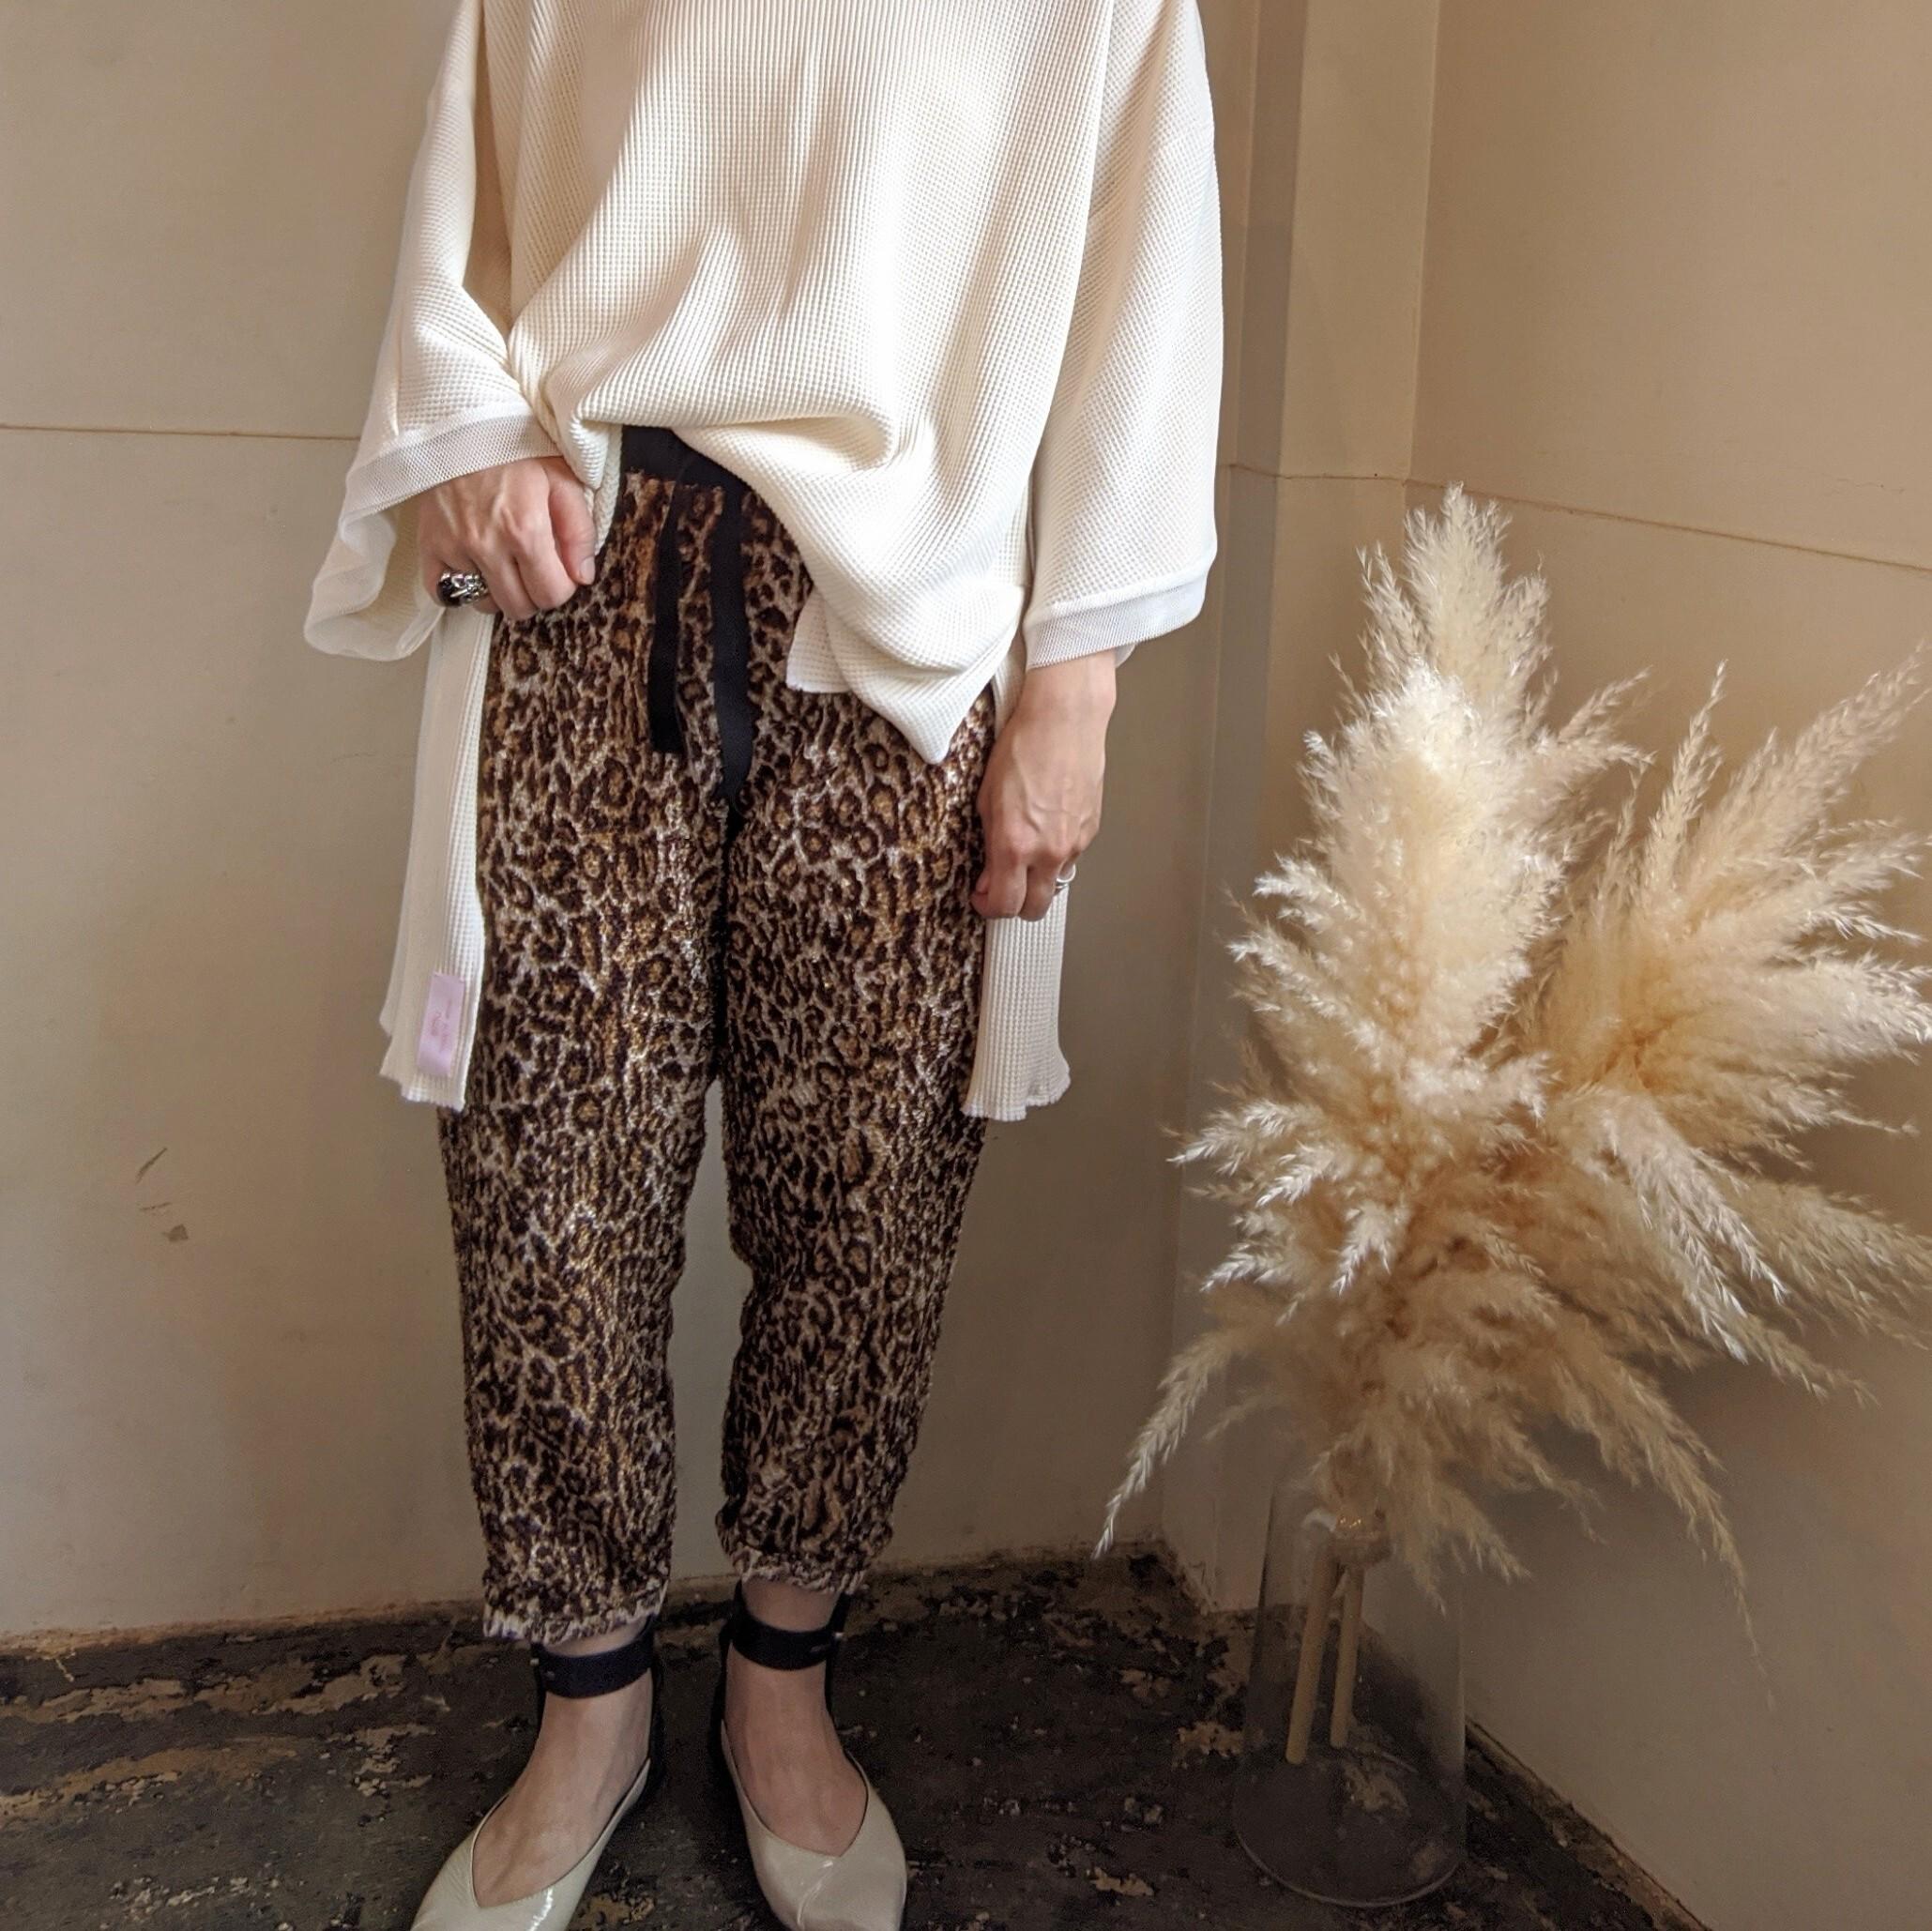 ume original / leopard relux pants / ウメオリジナル レオパードリラックスパンツ ヒョウ柄